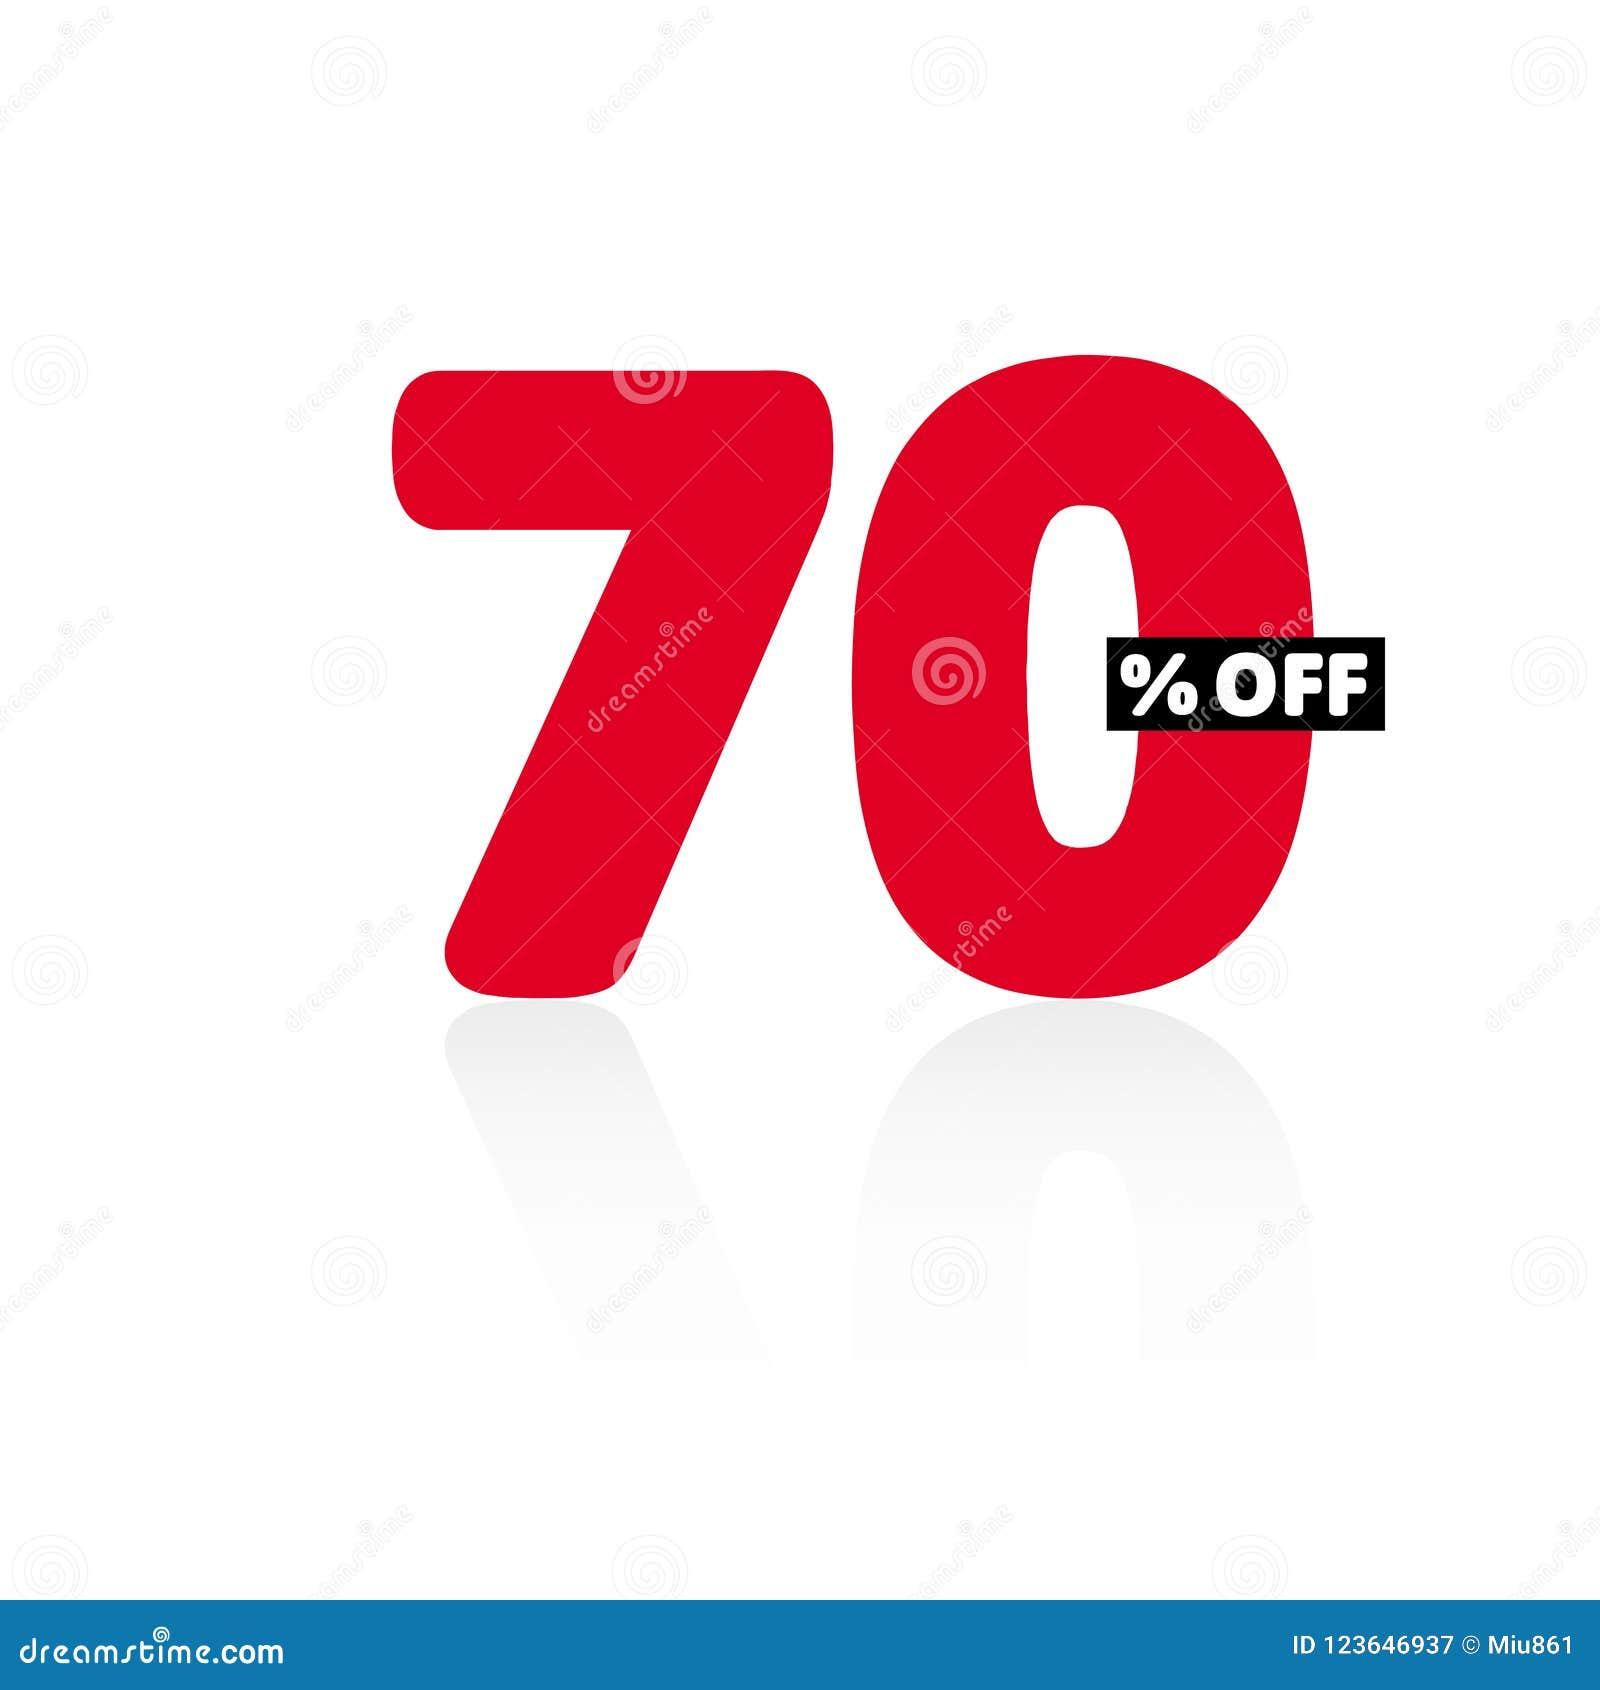 b84ca7e44 El 70% de descuento simple Ejemplo del vector de la venta Gráfico del  precio de oferta del descuento Número rojo Fondo blanco sombra gris